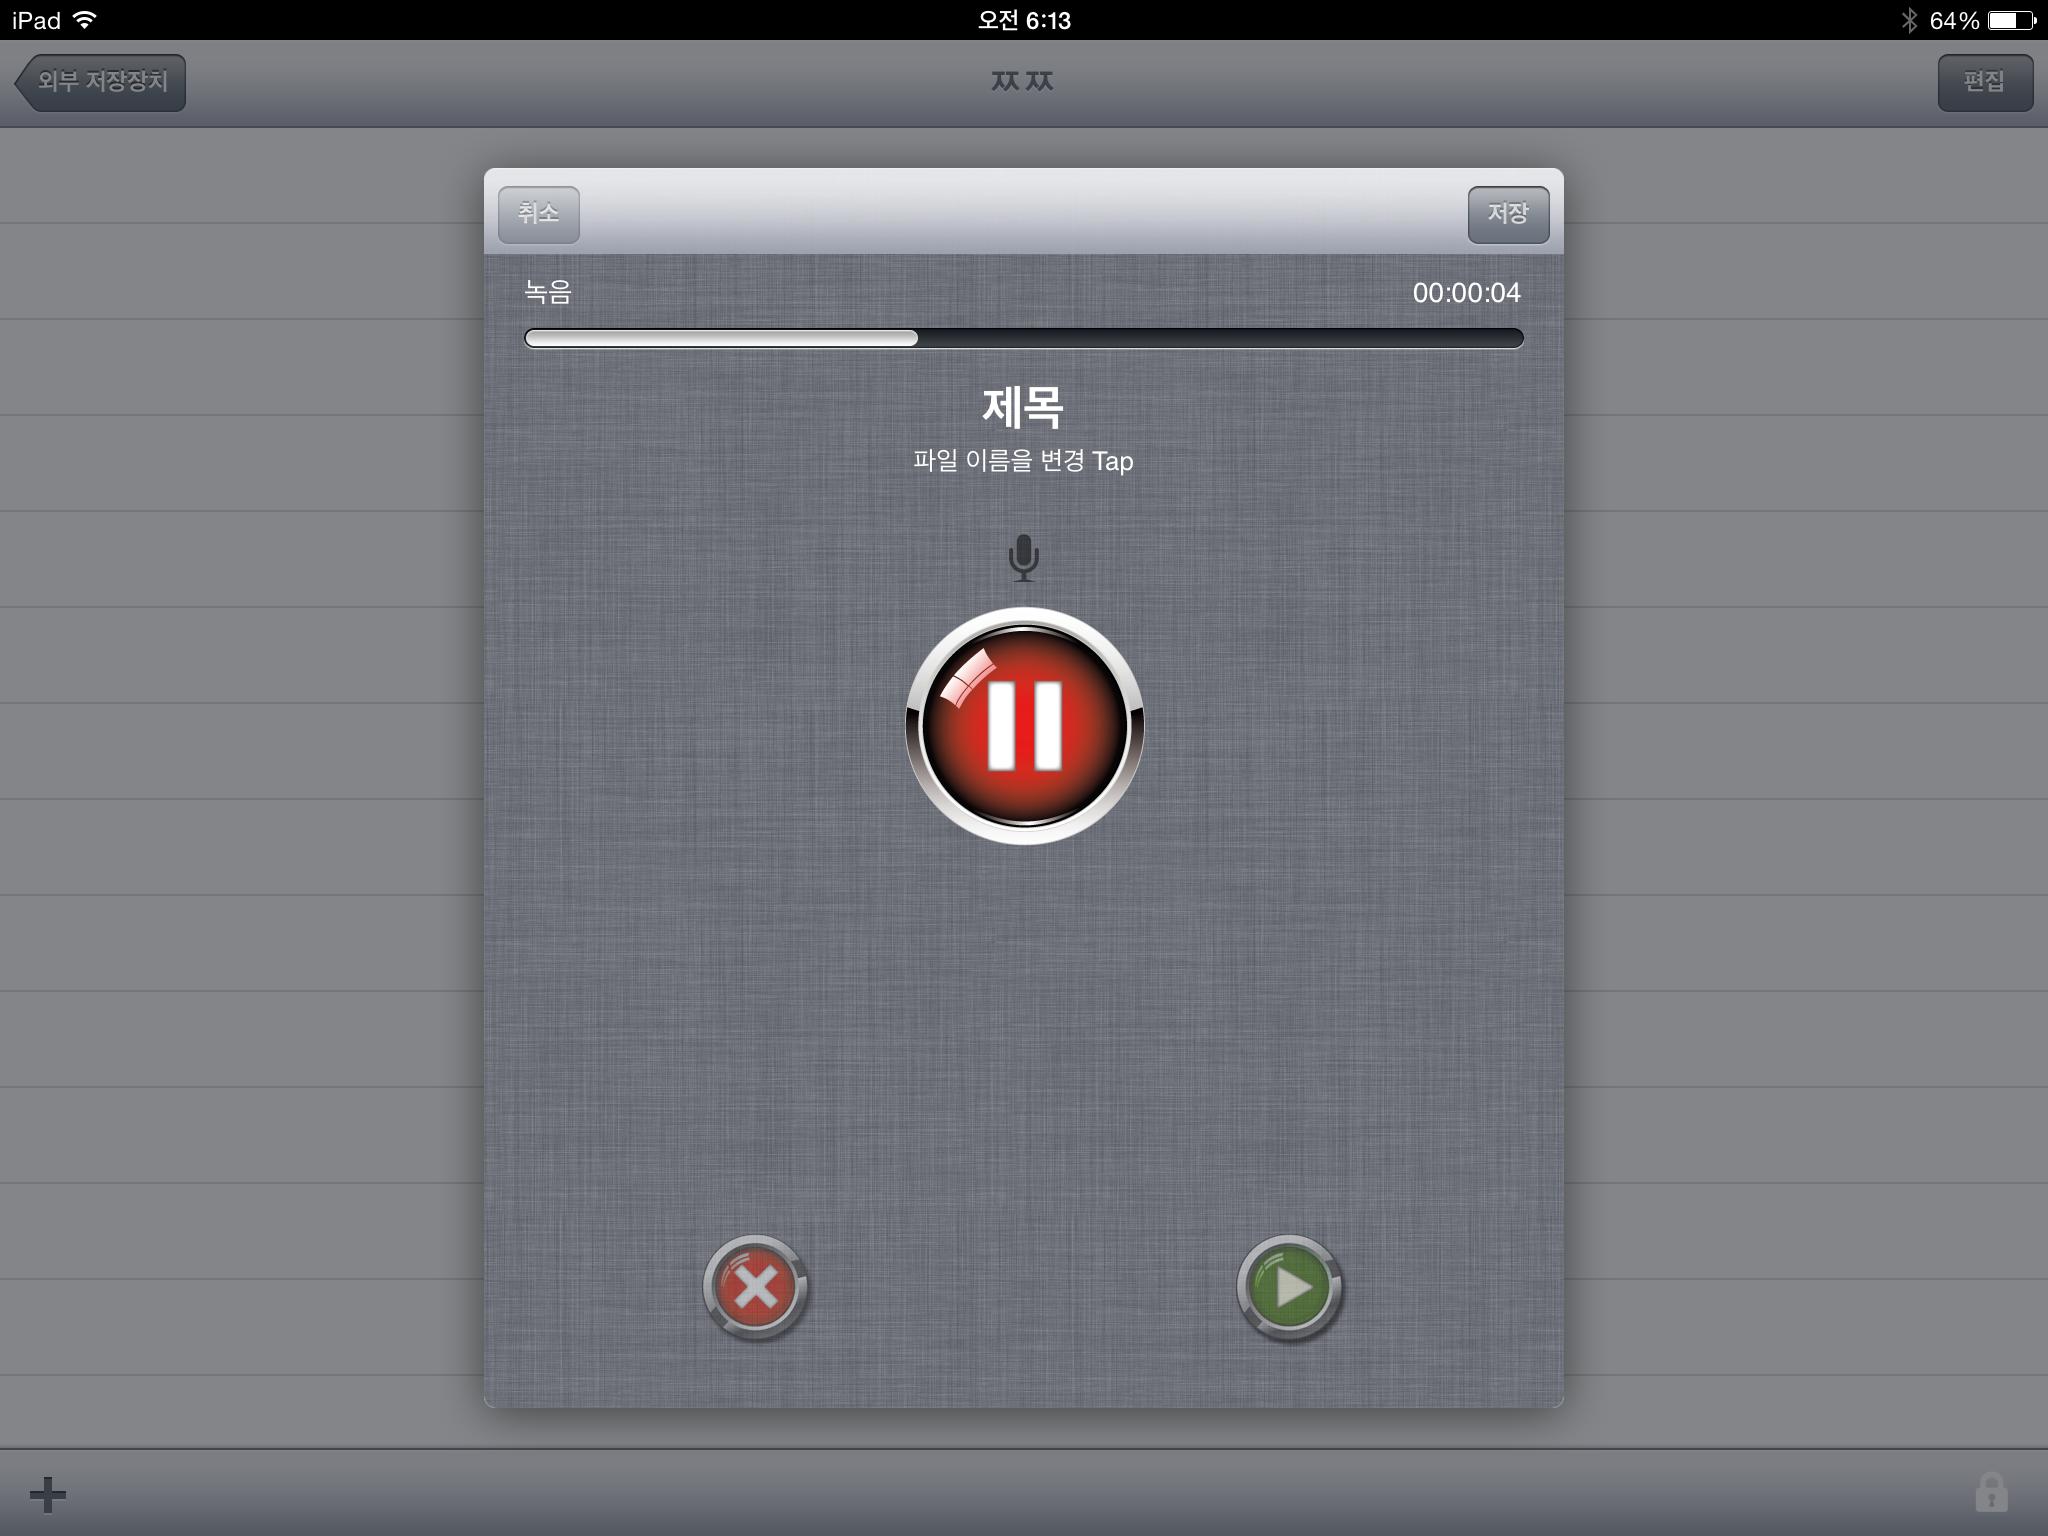 애플 iOS용 & 안드로이드 USB OTG 피노컴 I-FLASHDRIVE 애플OTG 안드로이드OTG -37-5.PNG